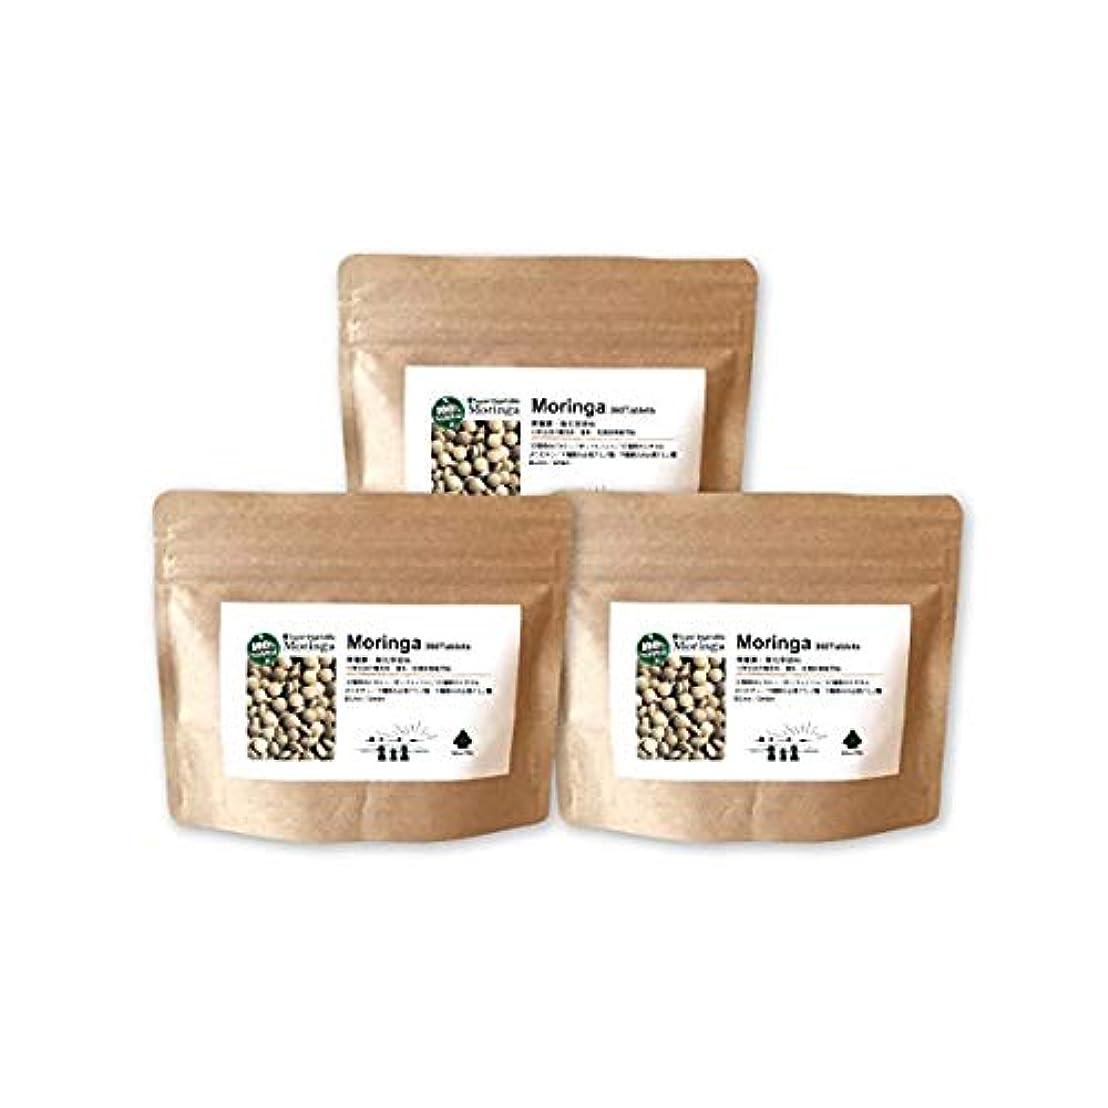 周囲織機飢えモリンガ粒(3個セット) 沖縄産の無農薬?無化学肥料栽培モリンガ葉使用